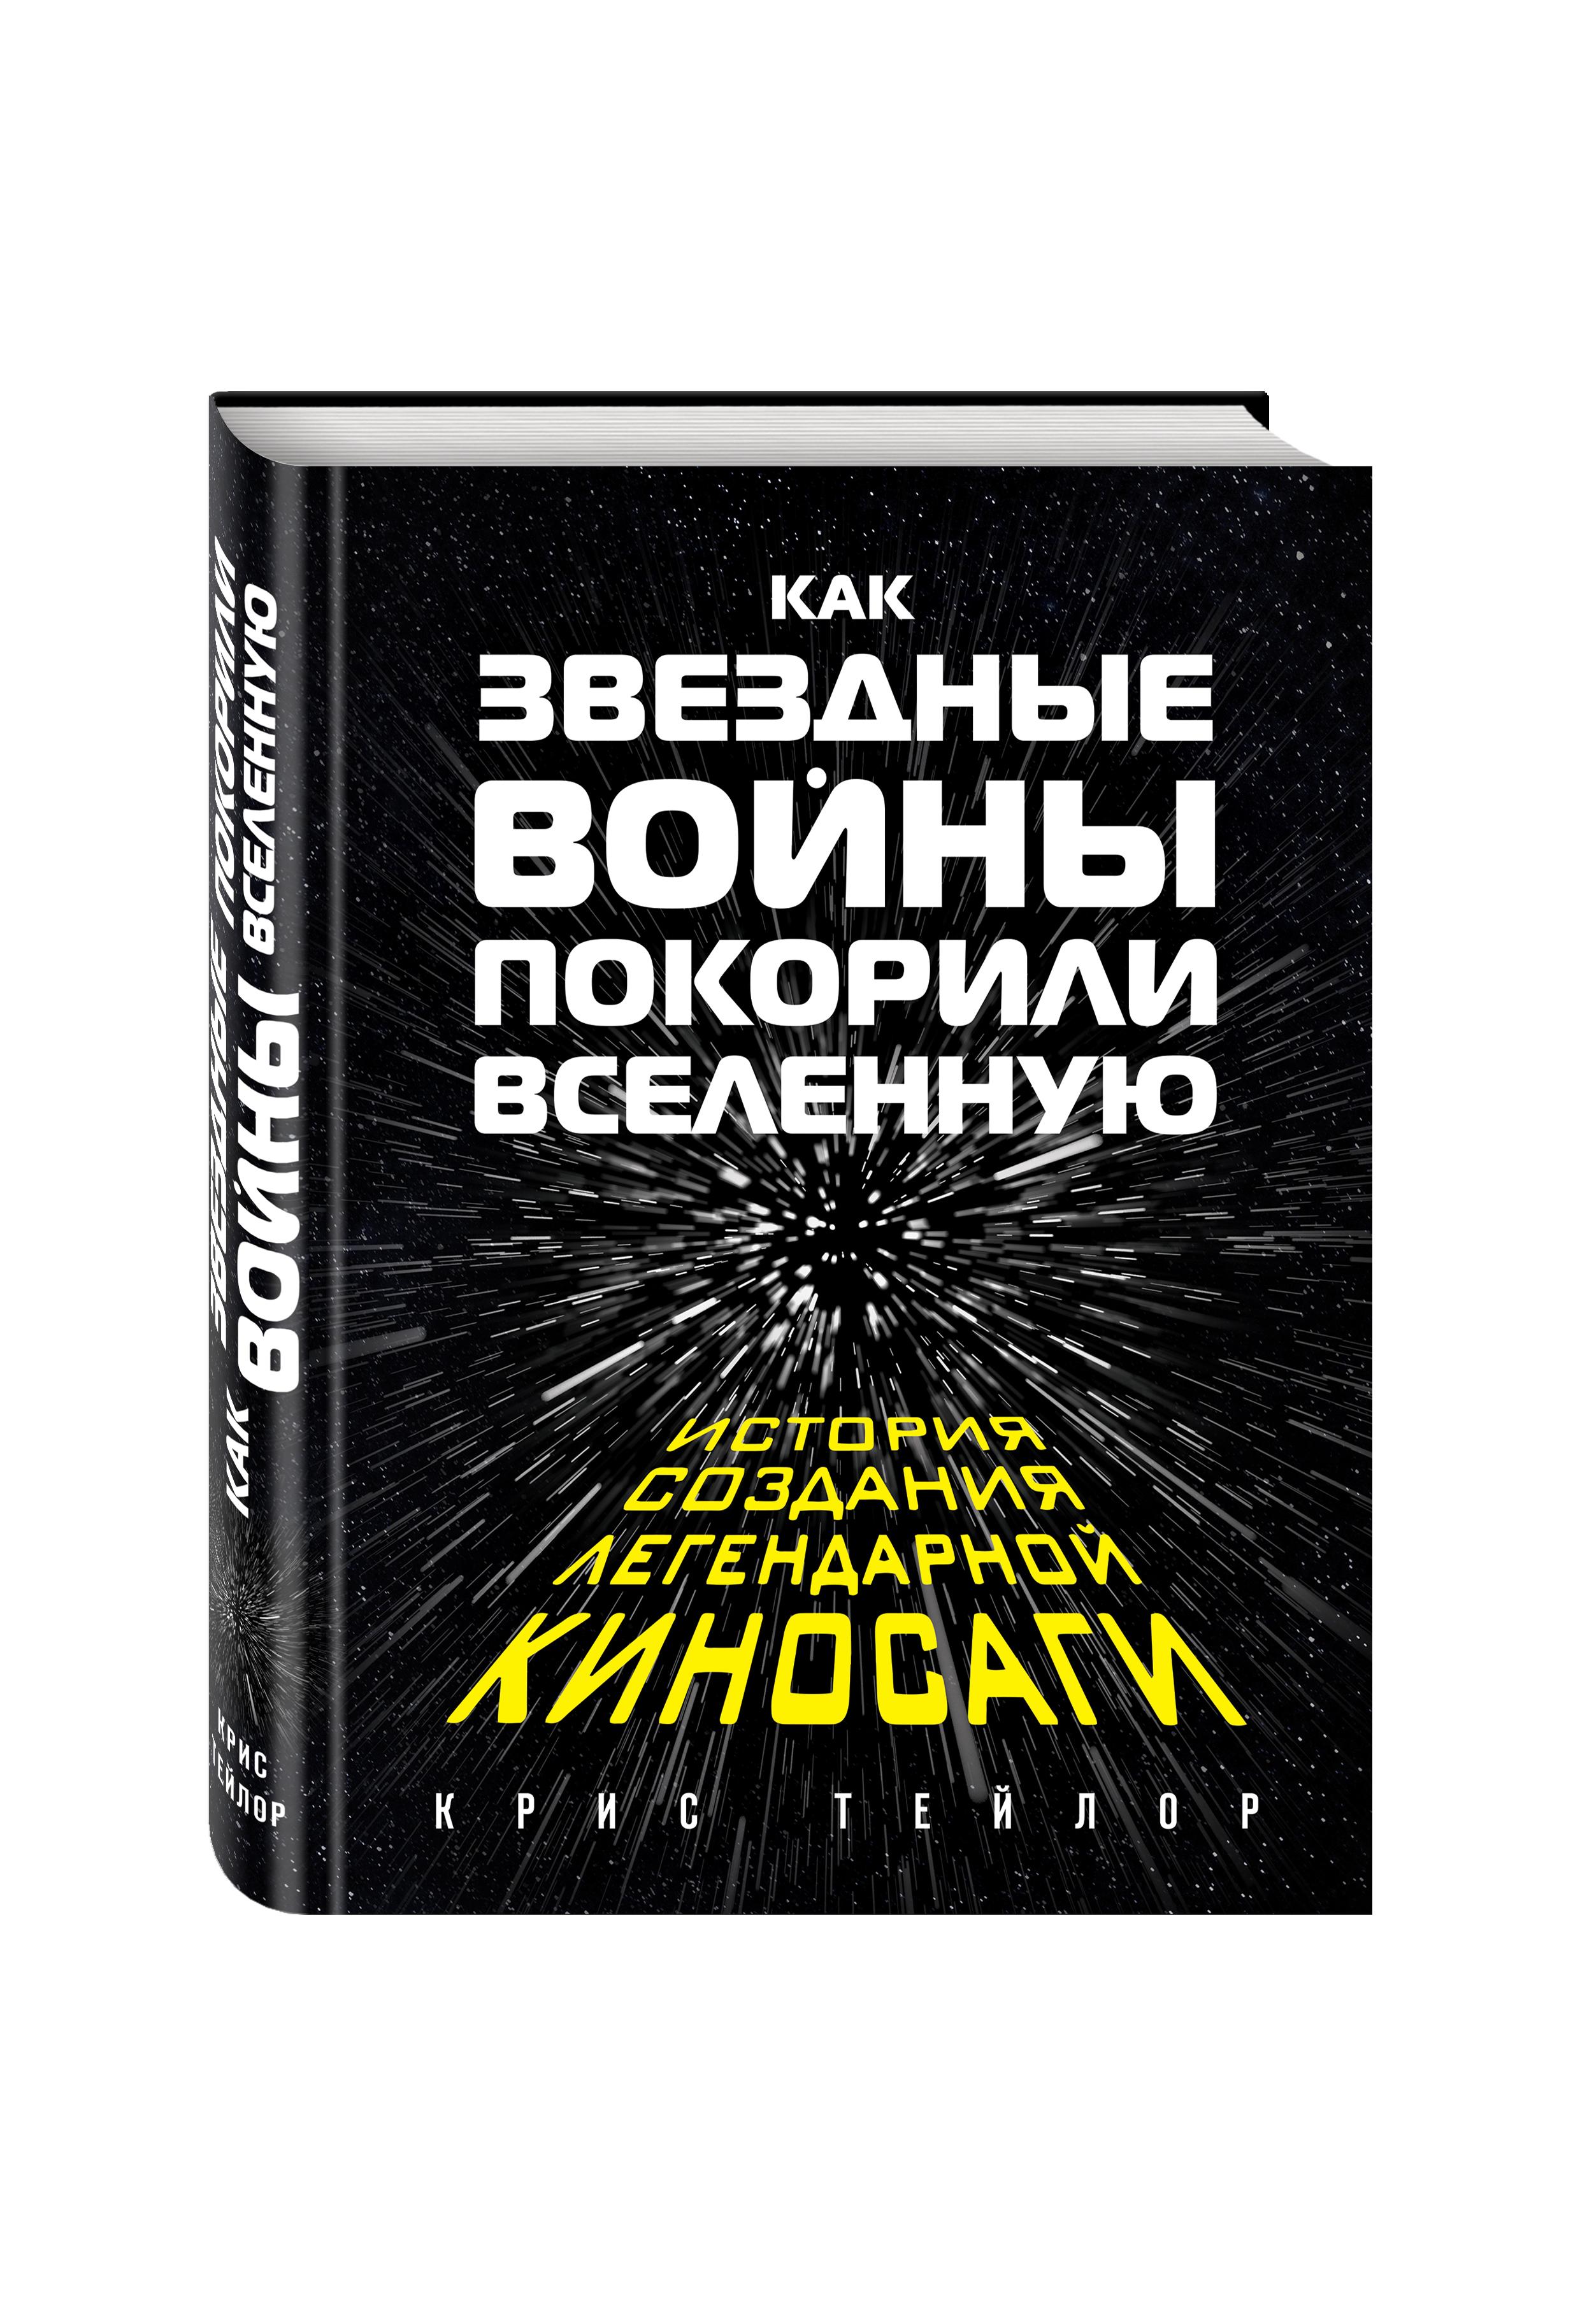 Тейлор К. Как Звездные Войны покорили Вселенную. Большая энциклопедия